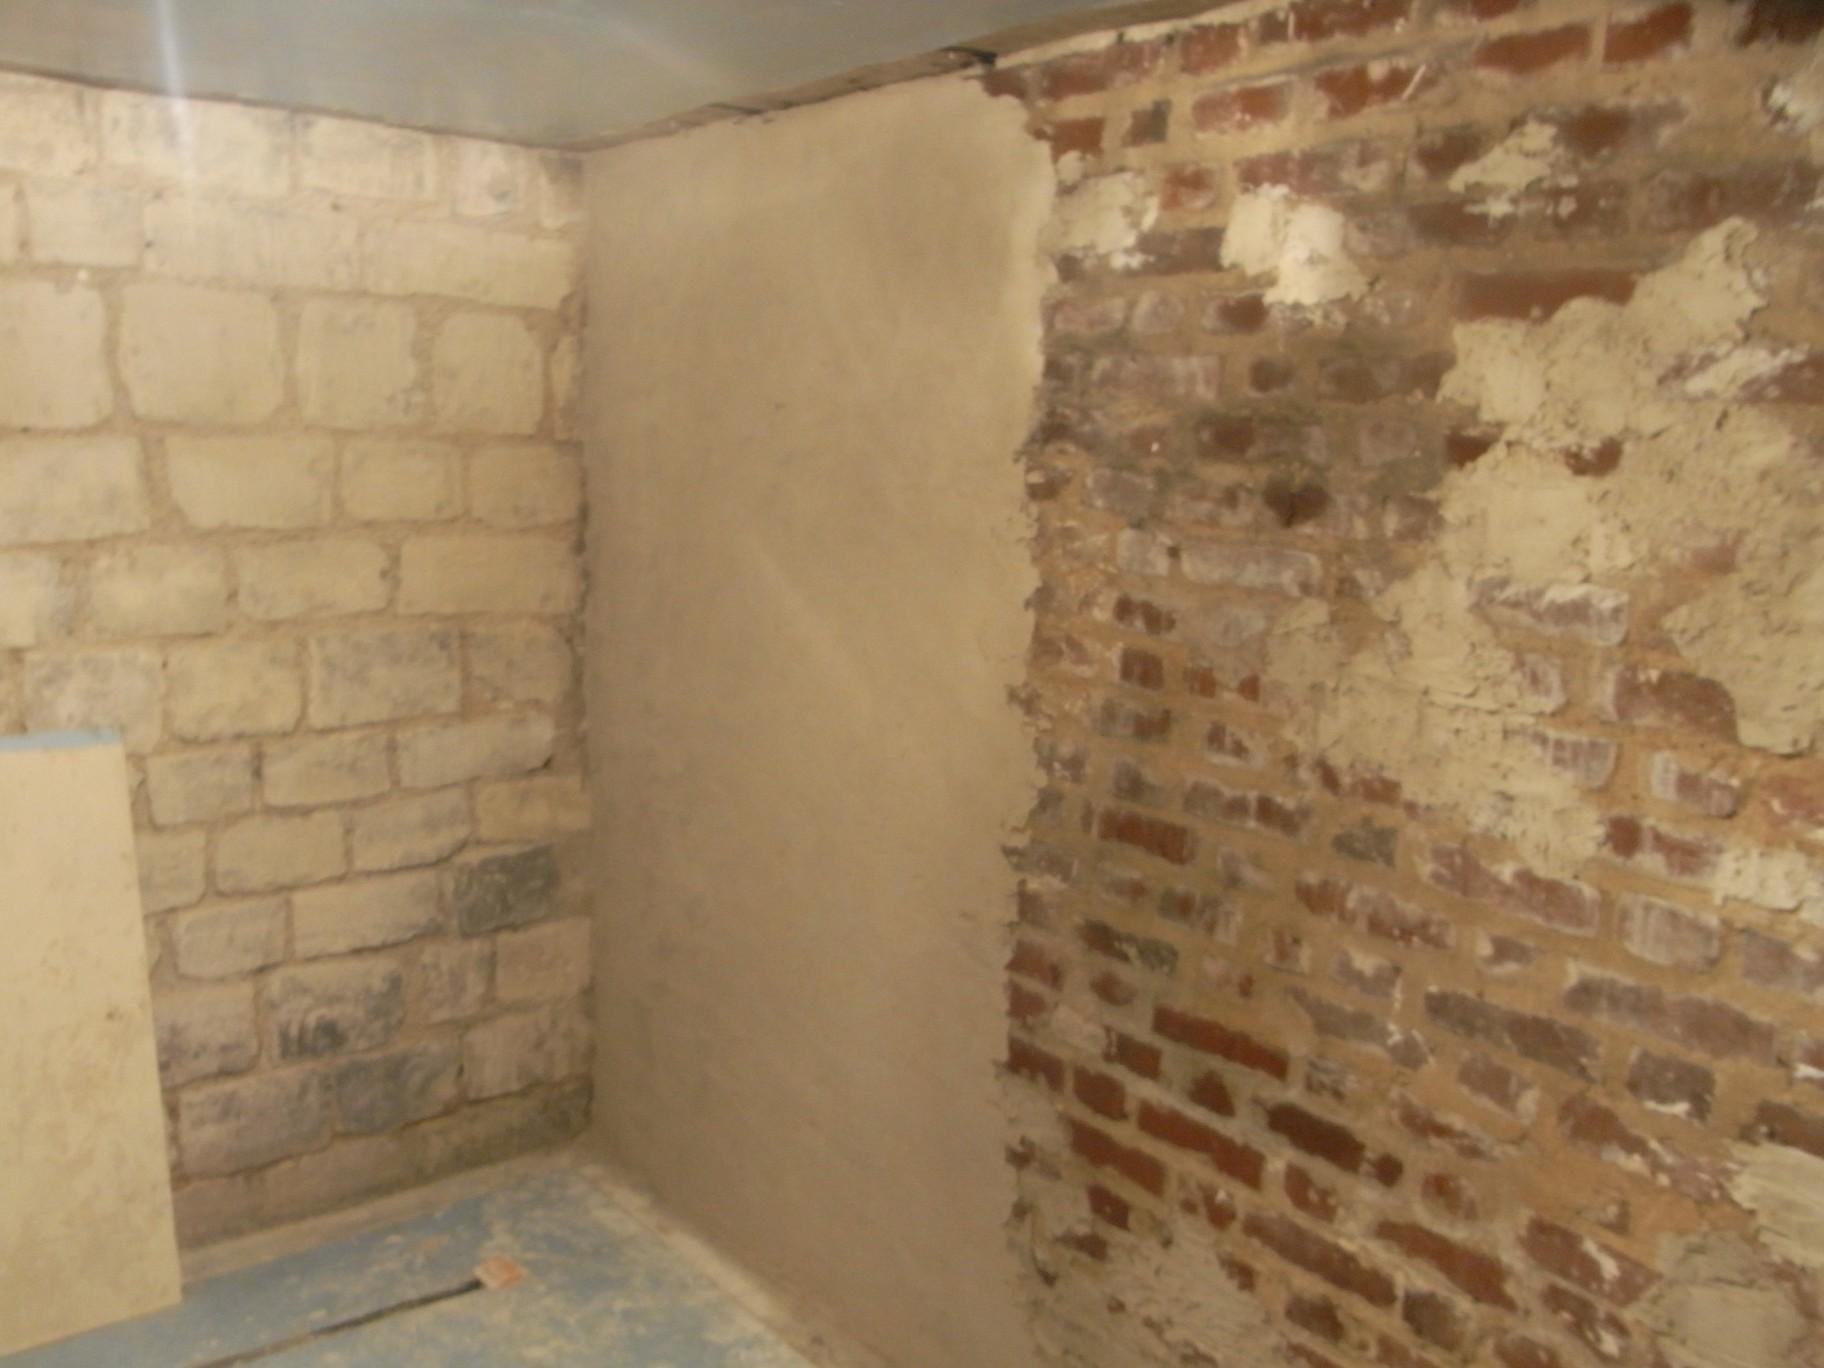 Chape chaux pour chambre en ssol semi enterr maison 1910 for Dalle de sol pour chambre